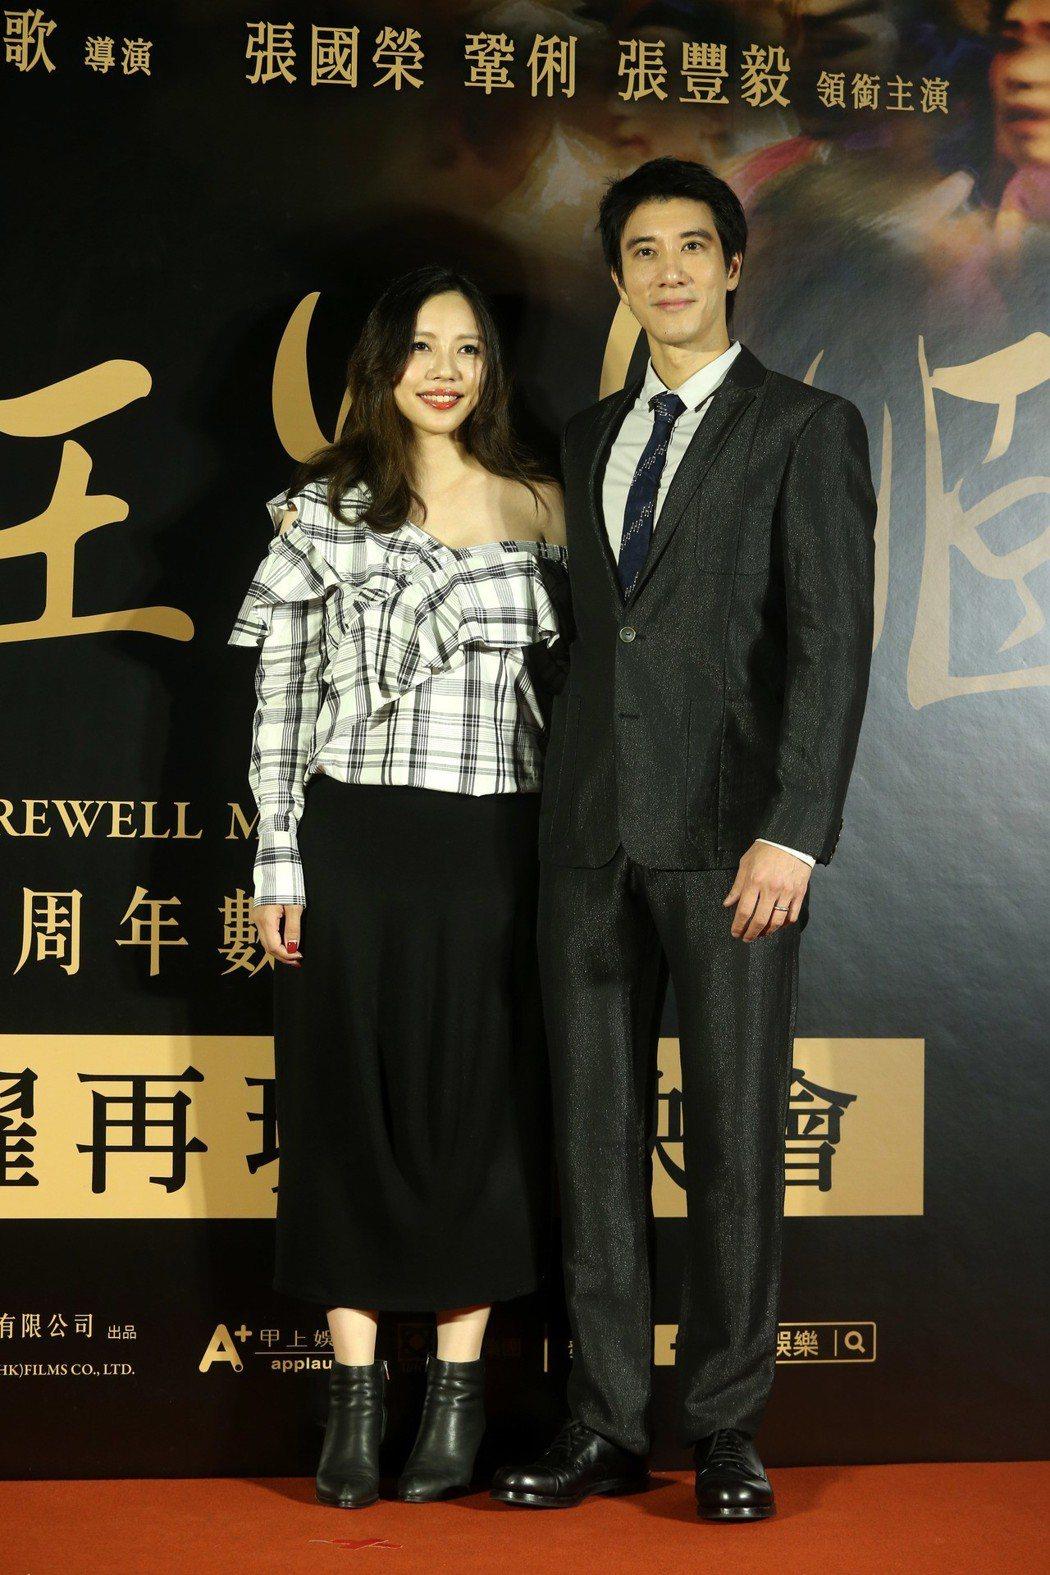 《霸王別姬》舉行首映會,王力宏拉著老婆一起出席。記者邱德祥/攝影